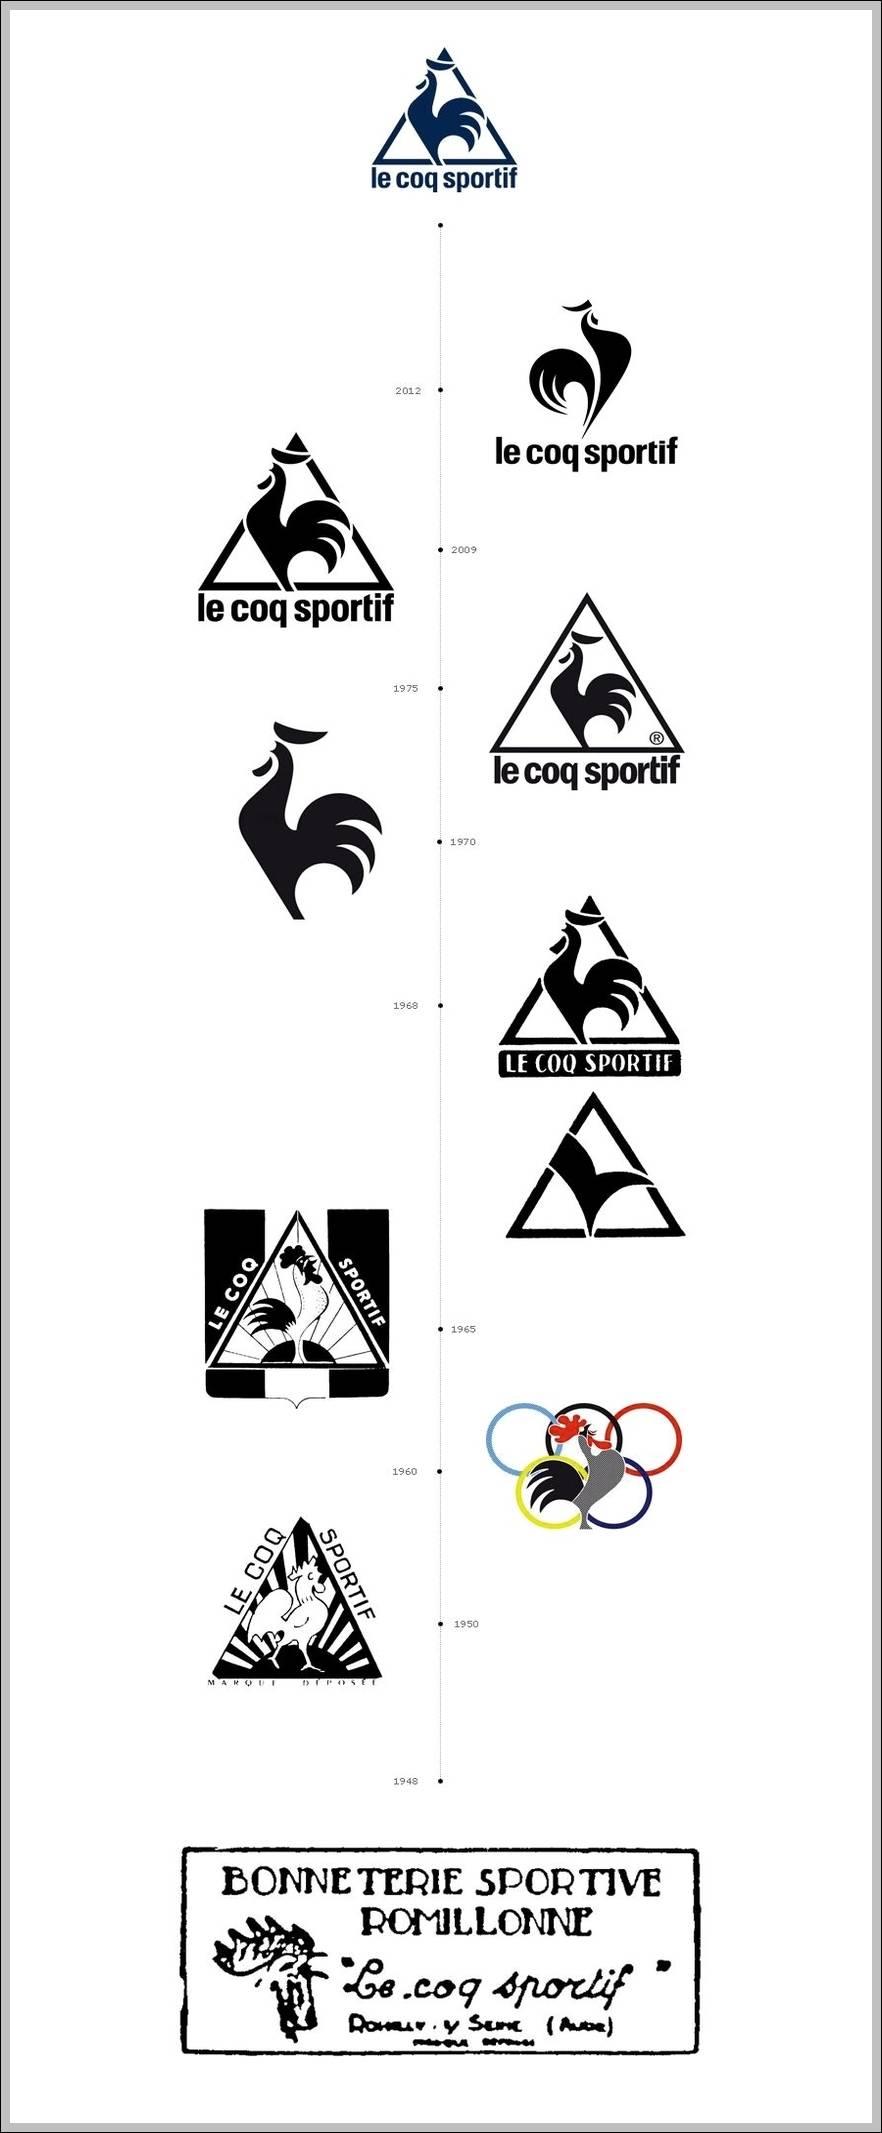 le coq sportif evolution trademark logo sign logos signs